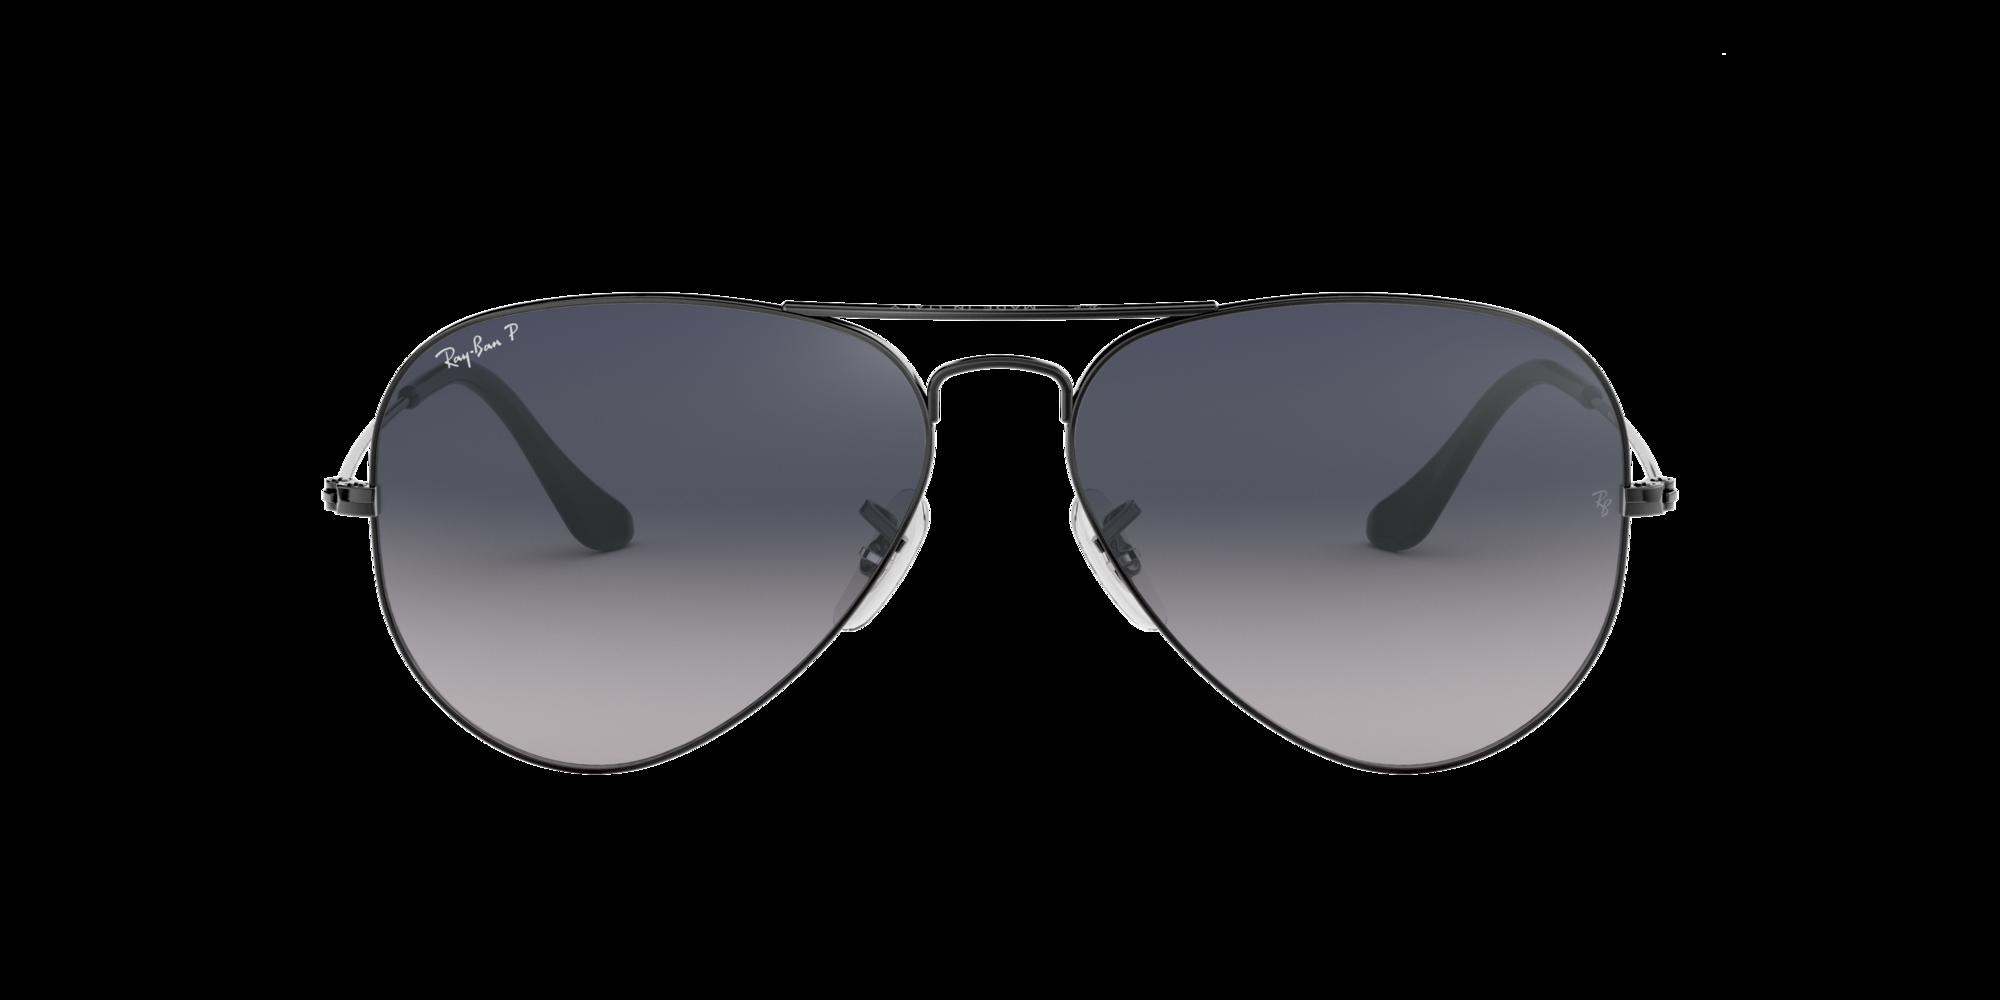 Imagen para RB3025 55 AVIATOR LARGE METAL de LensCrafters |  Espejuelos, espejuelos graduados en línea, gafas